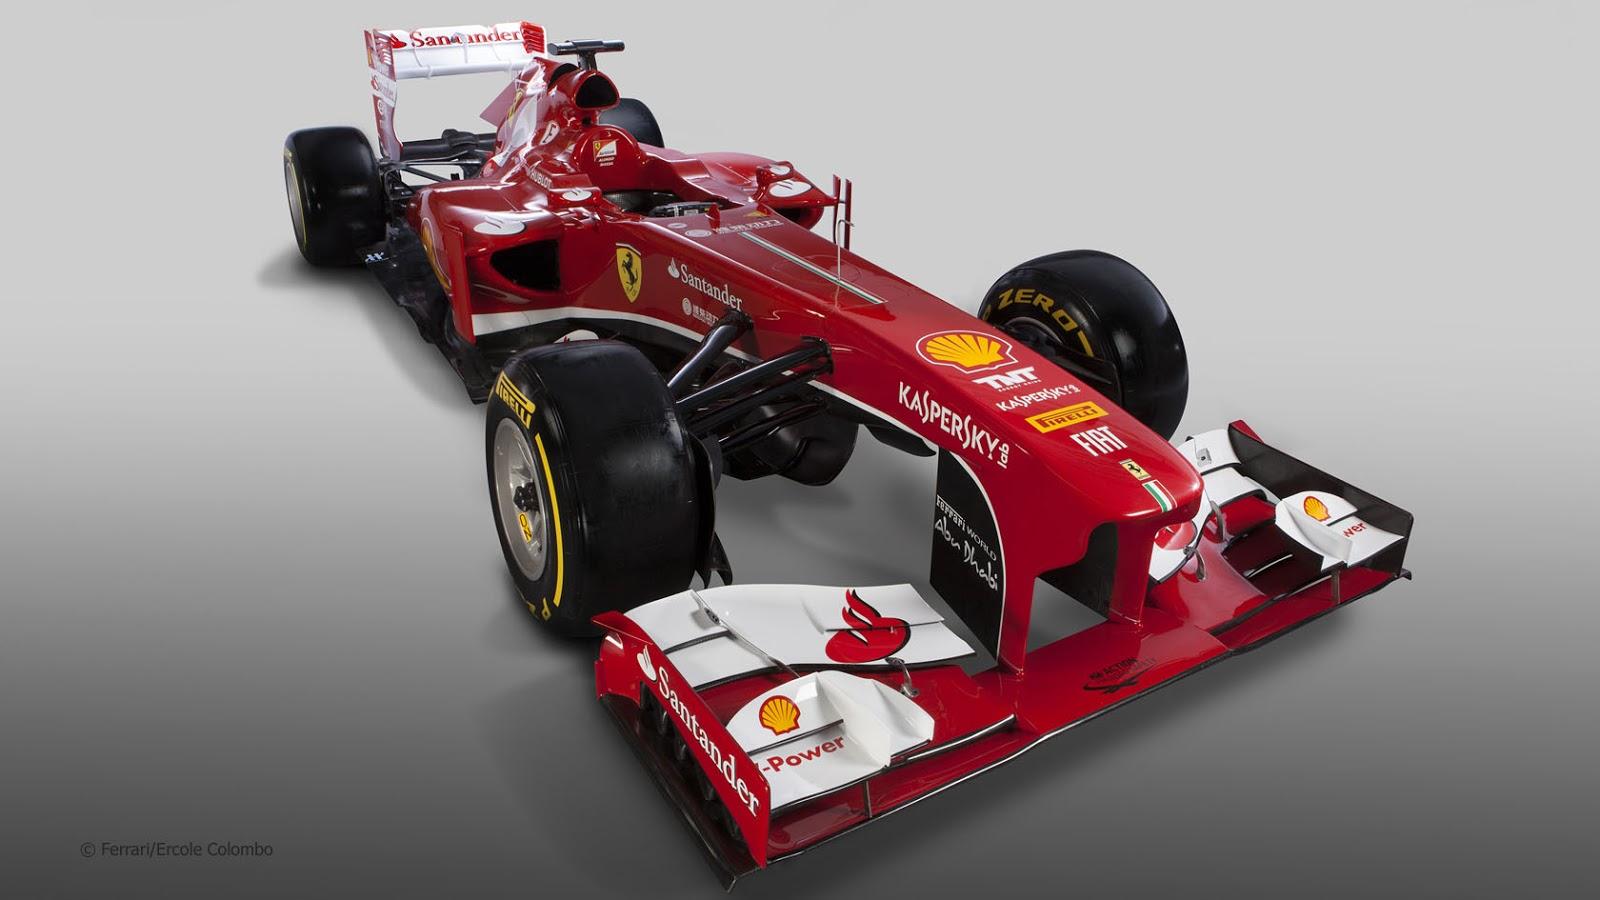 http://1.bp.blogspot.com/-Km4Rr2gLG5s/UQ09qLXujAI/AAAAAAAADZM/aQNY29kOhf8/s1600/Ferrari-F138-2013+side-front.jpg